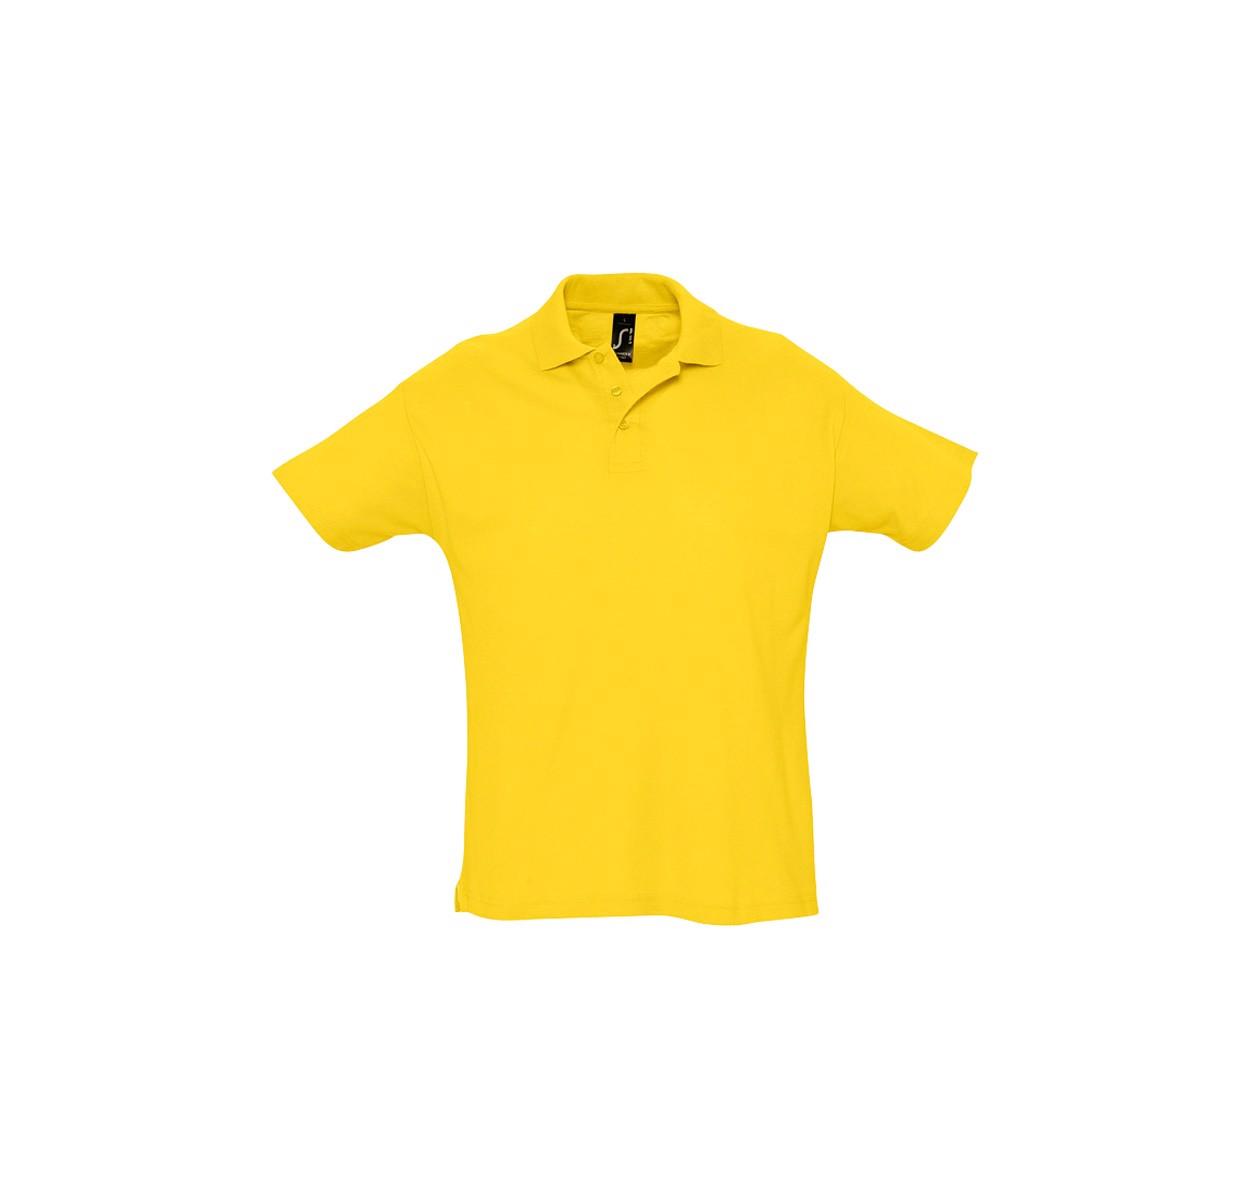 Polokošile Pique Summer II - Žlutá / S